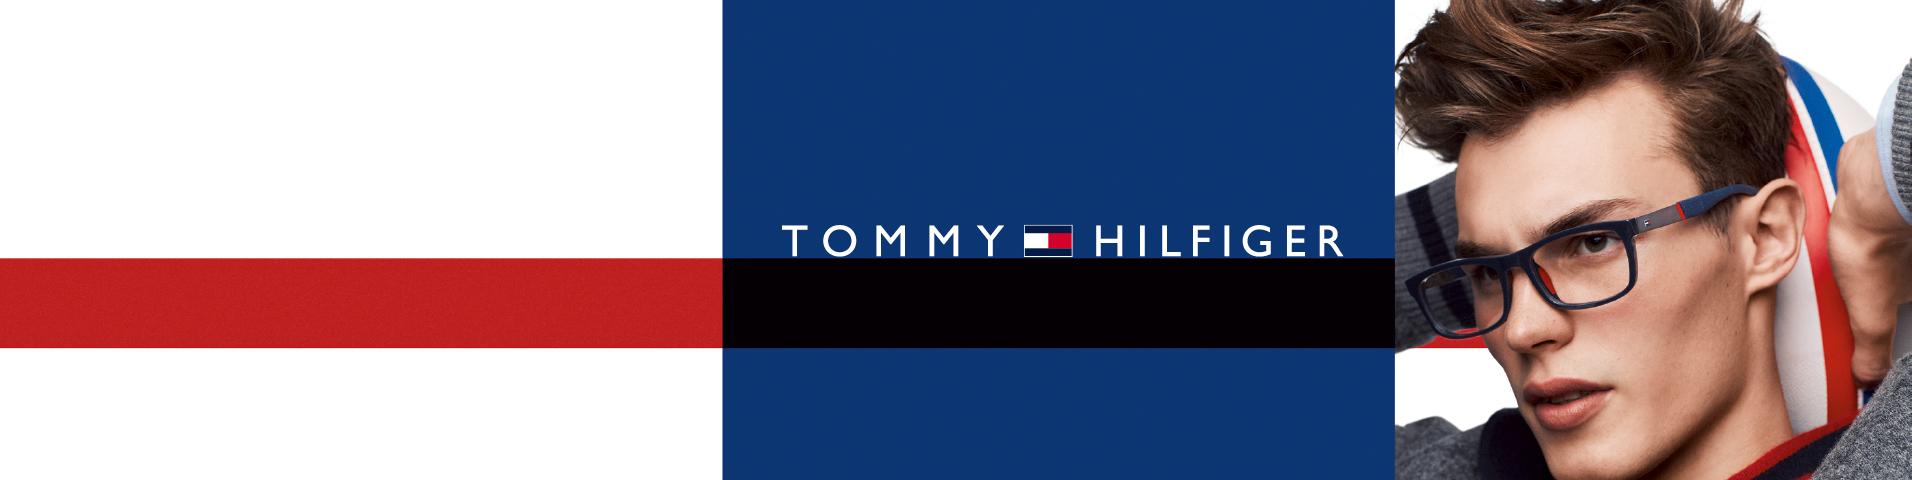 Hilfiger Väska Herr : Tommy hilfiger ryggs?ckar herr k?p din ryggs?ck